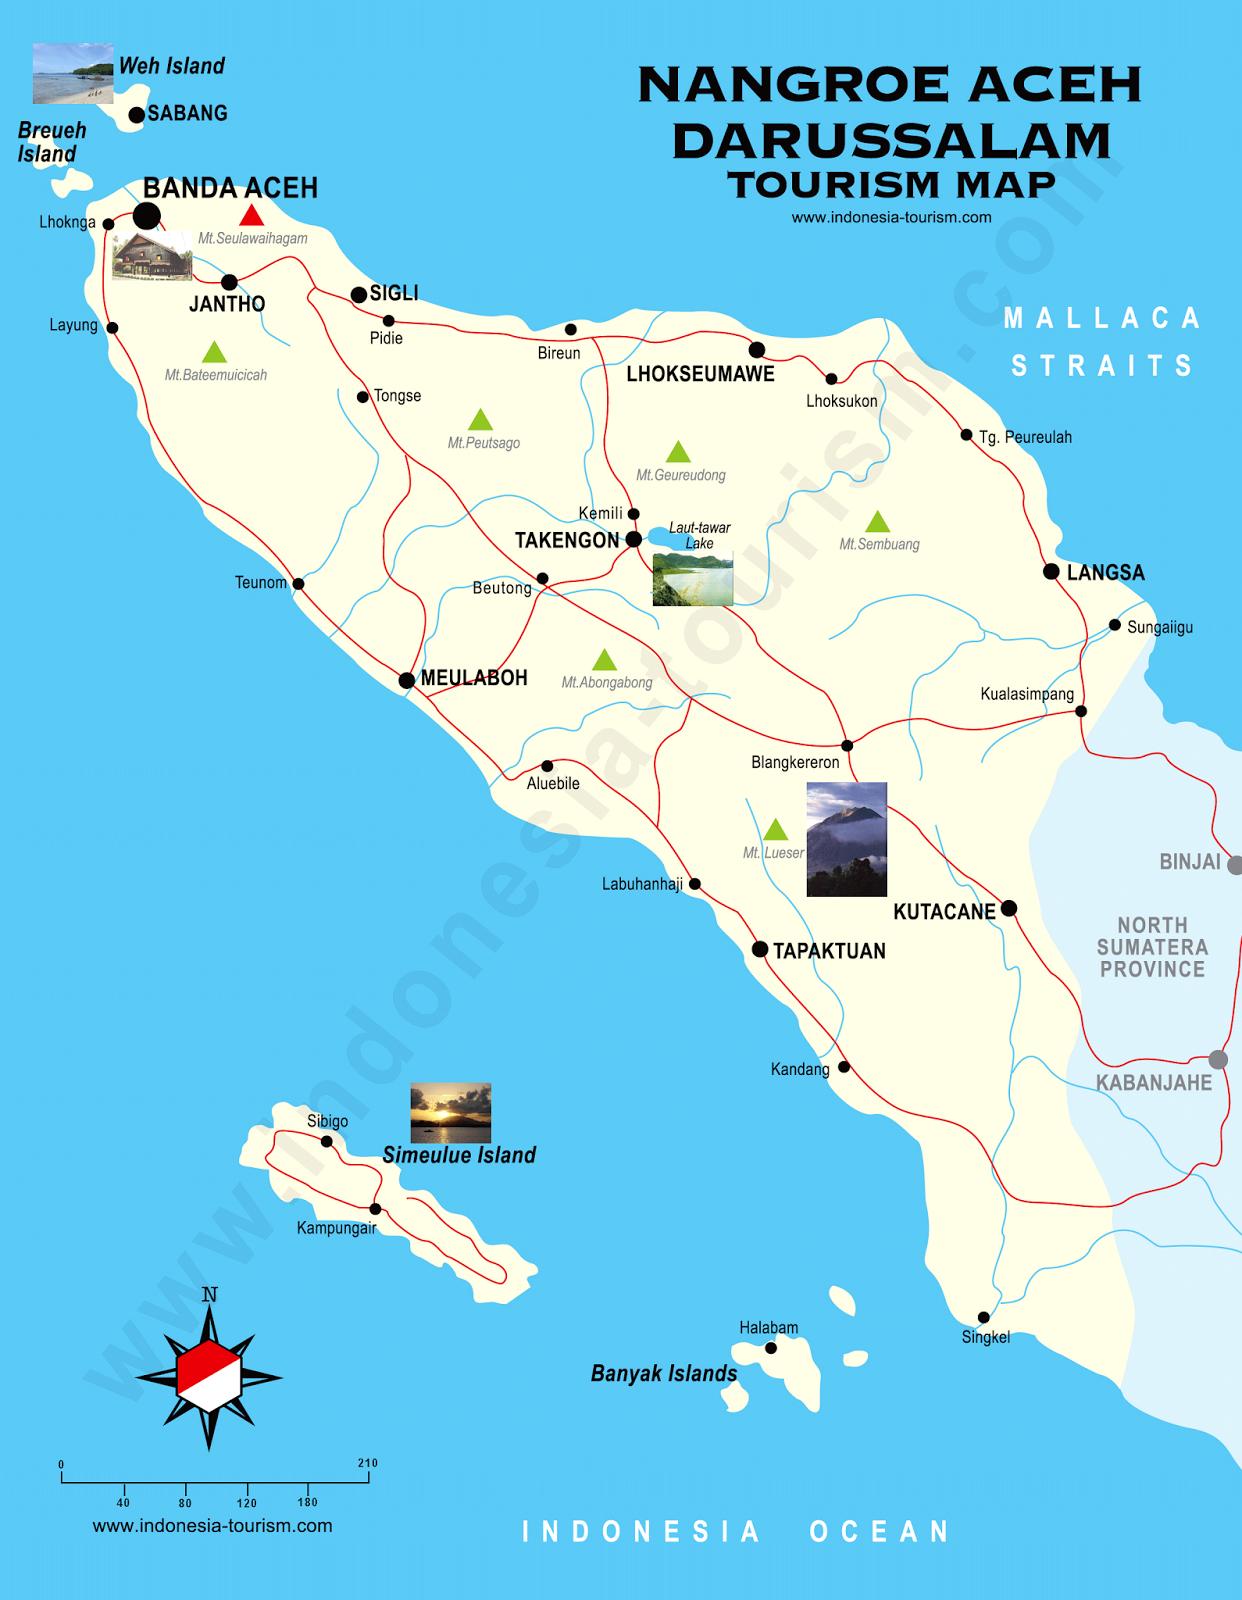 Tempat wisata di Tangse(pidie)Aceh